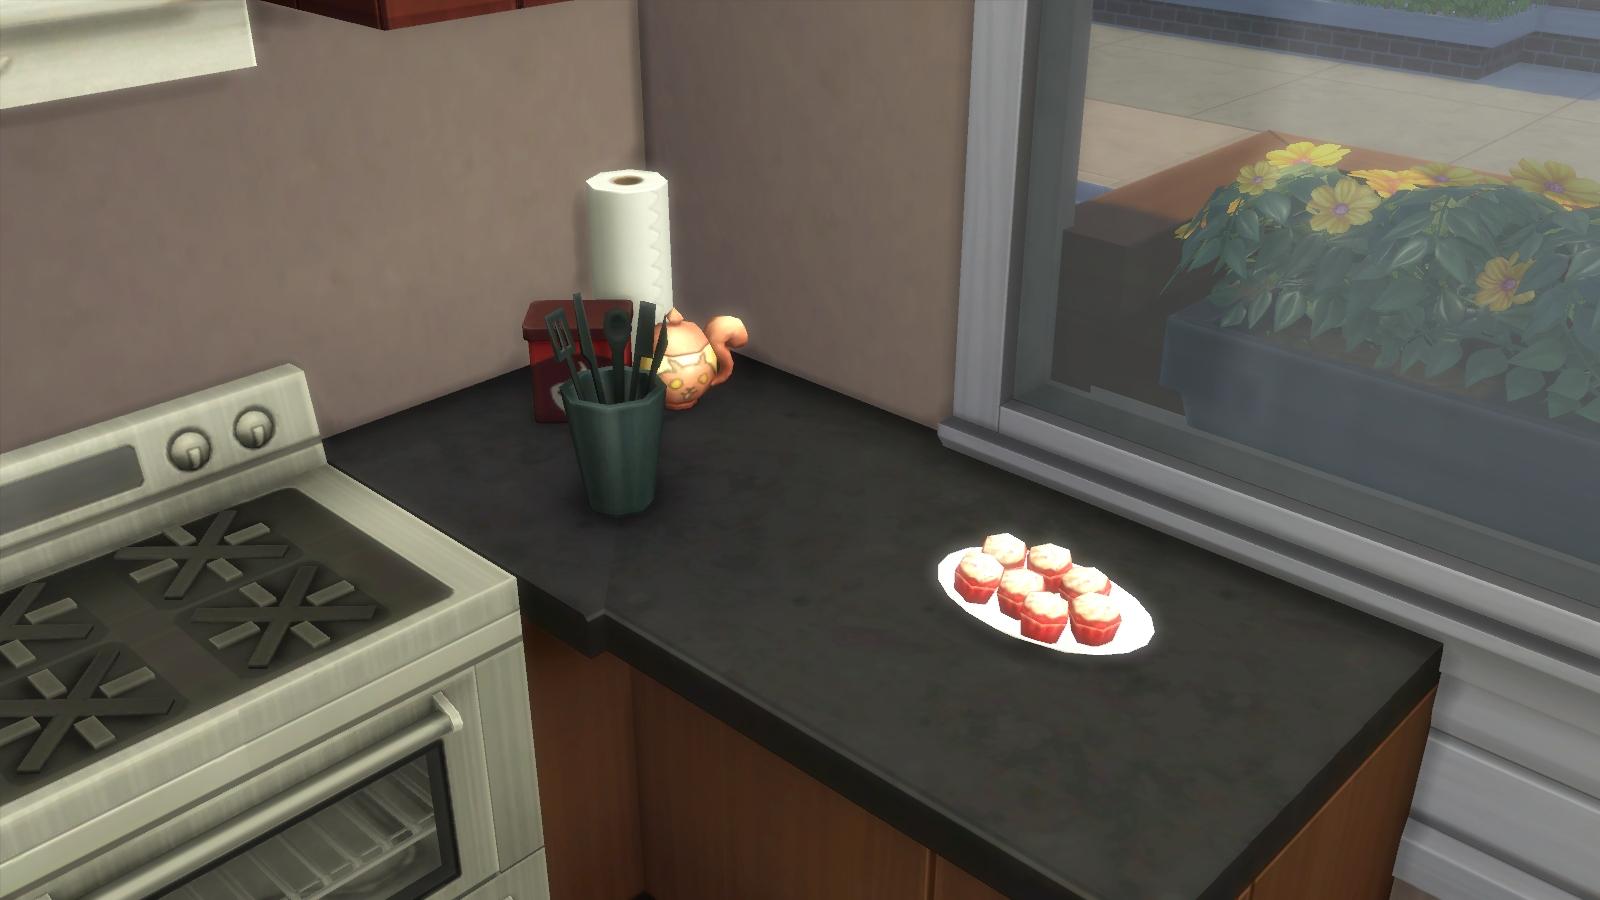 Sims  Signature Cake